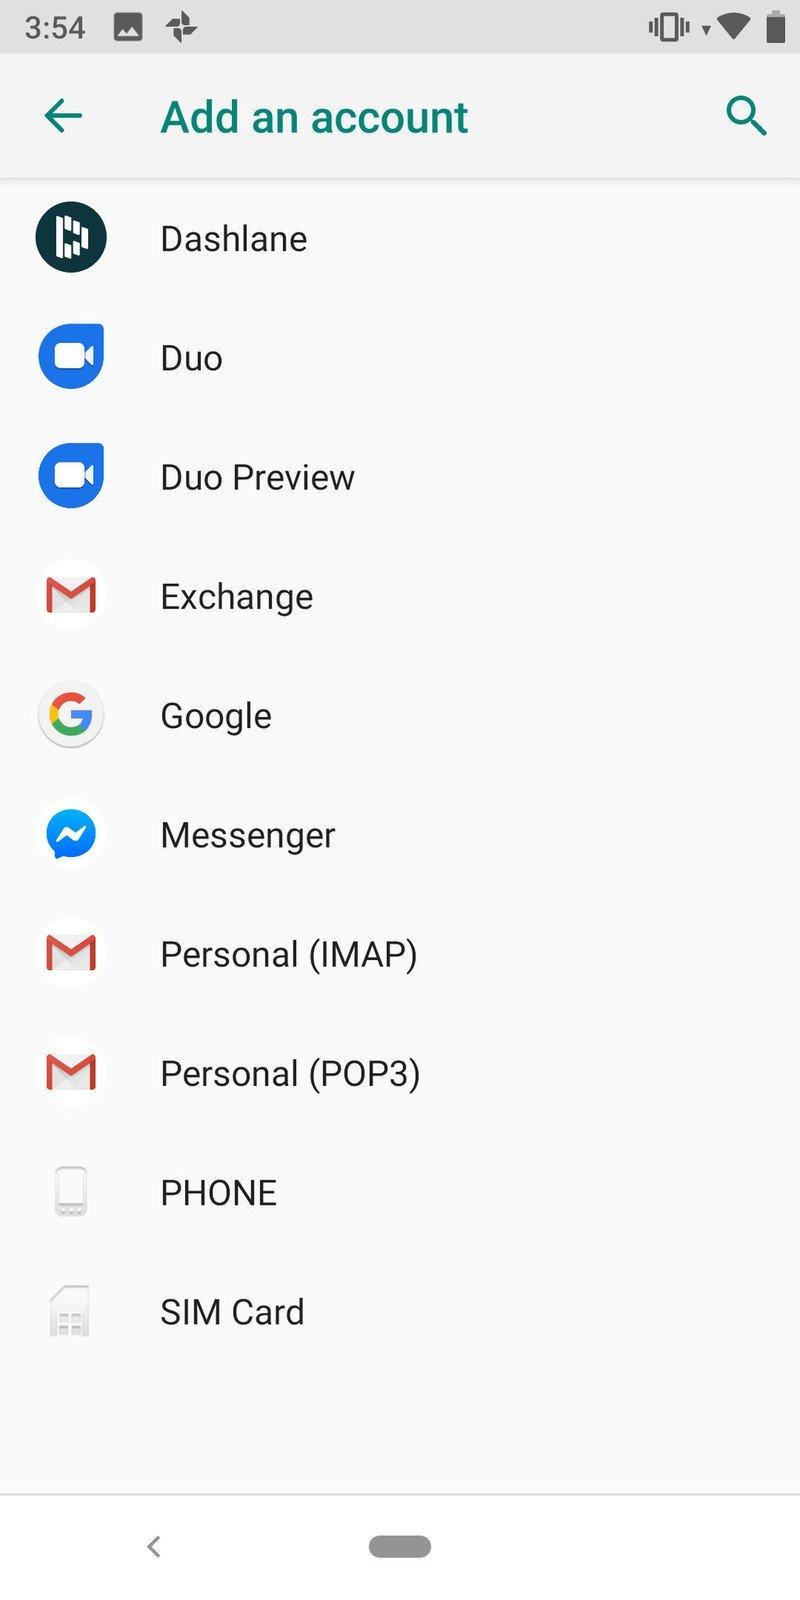 android-add-account-4.jpg?itok=8yQJNZuw